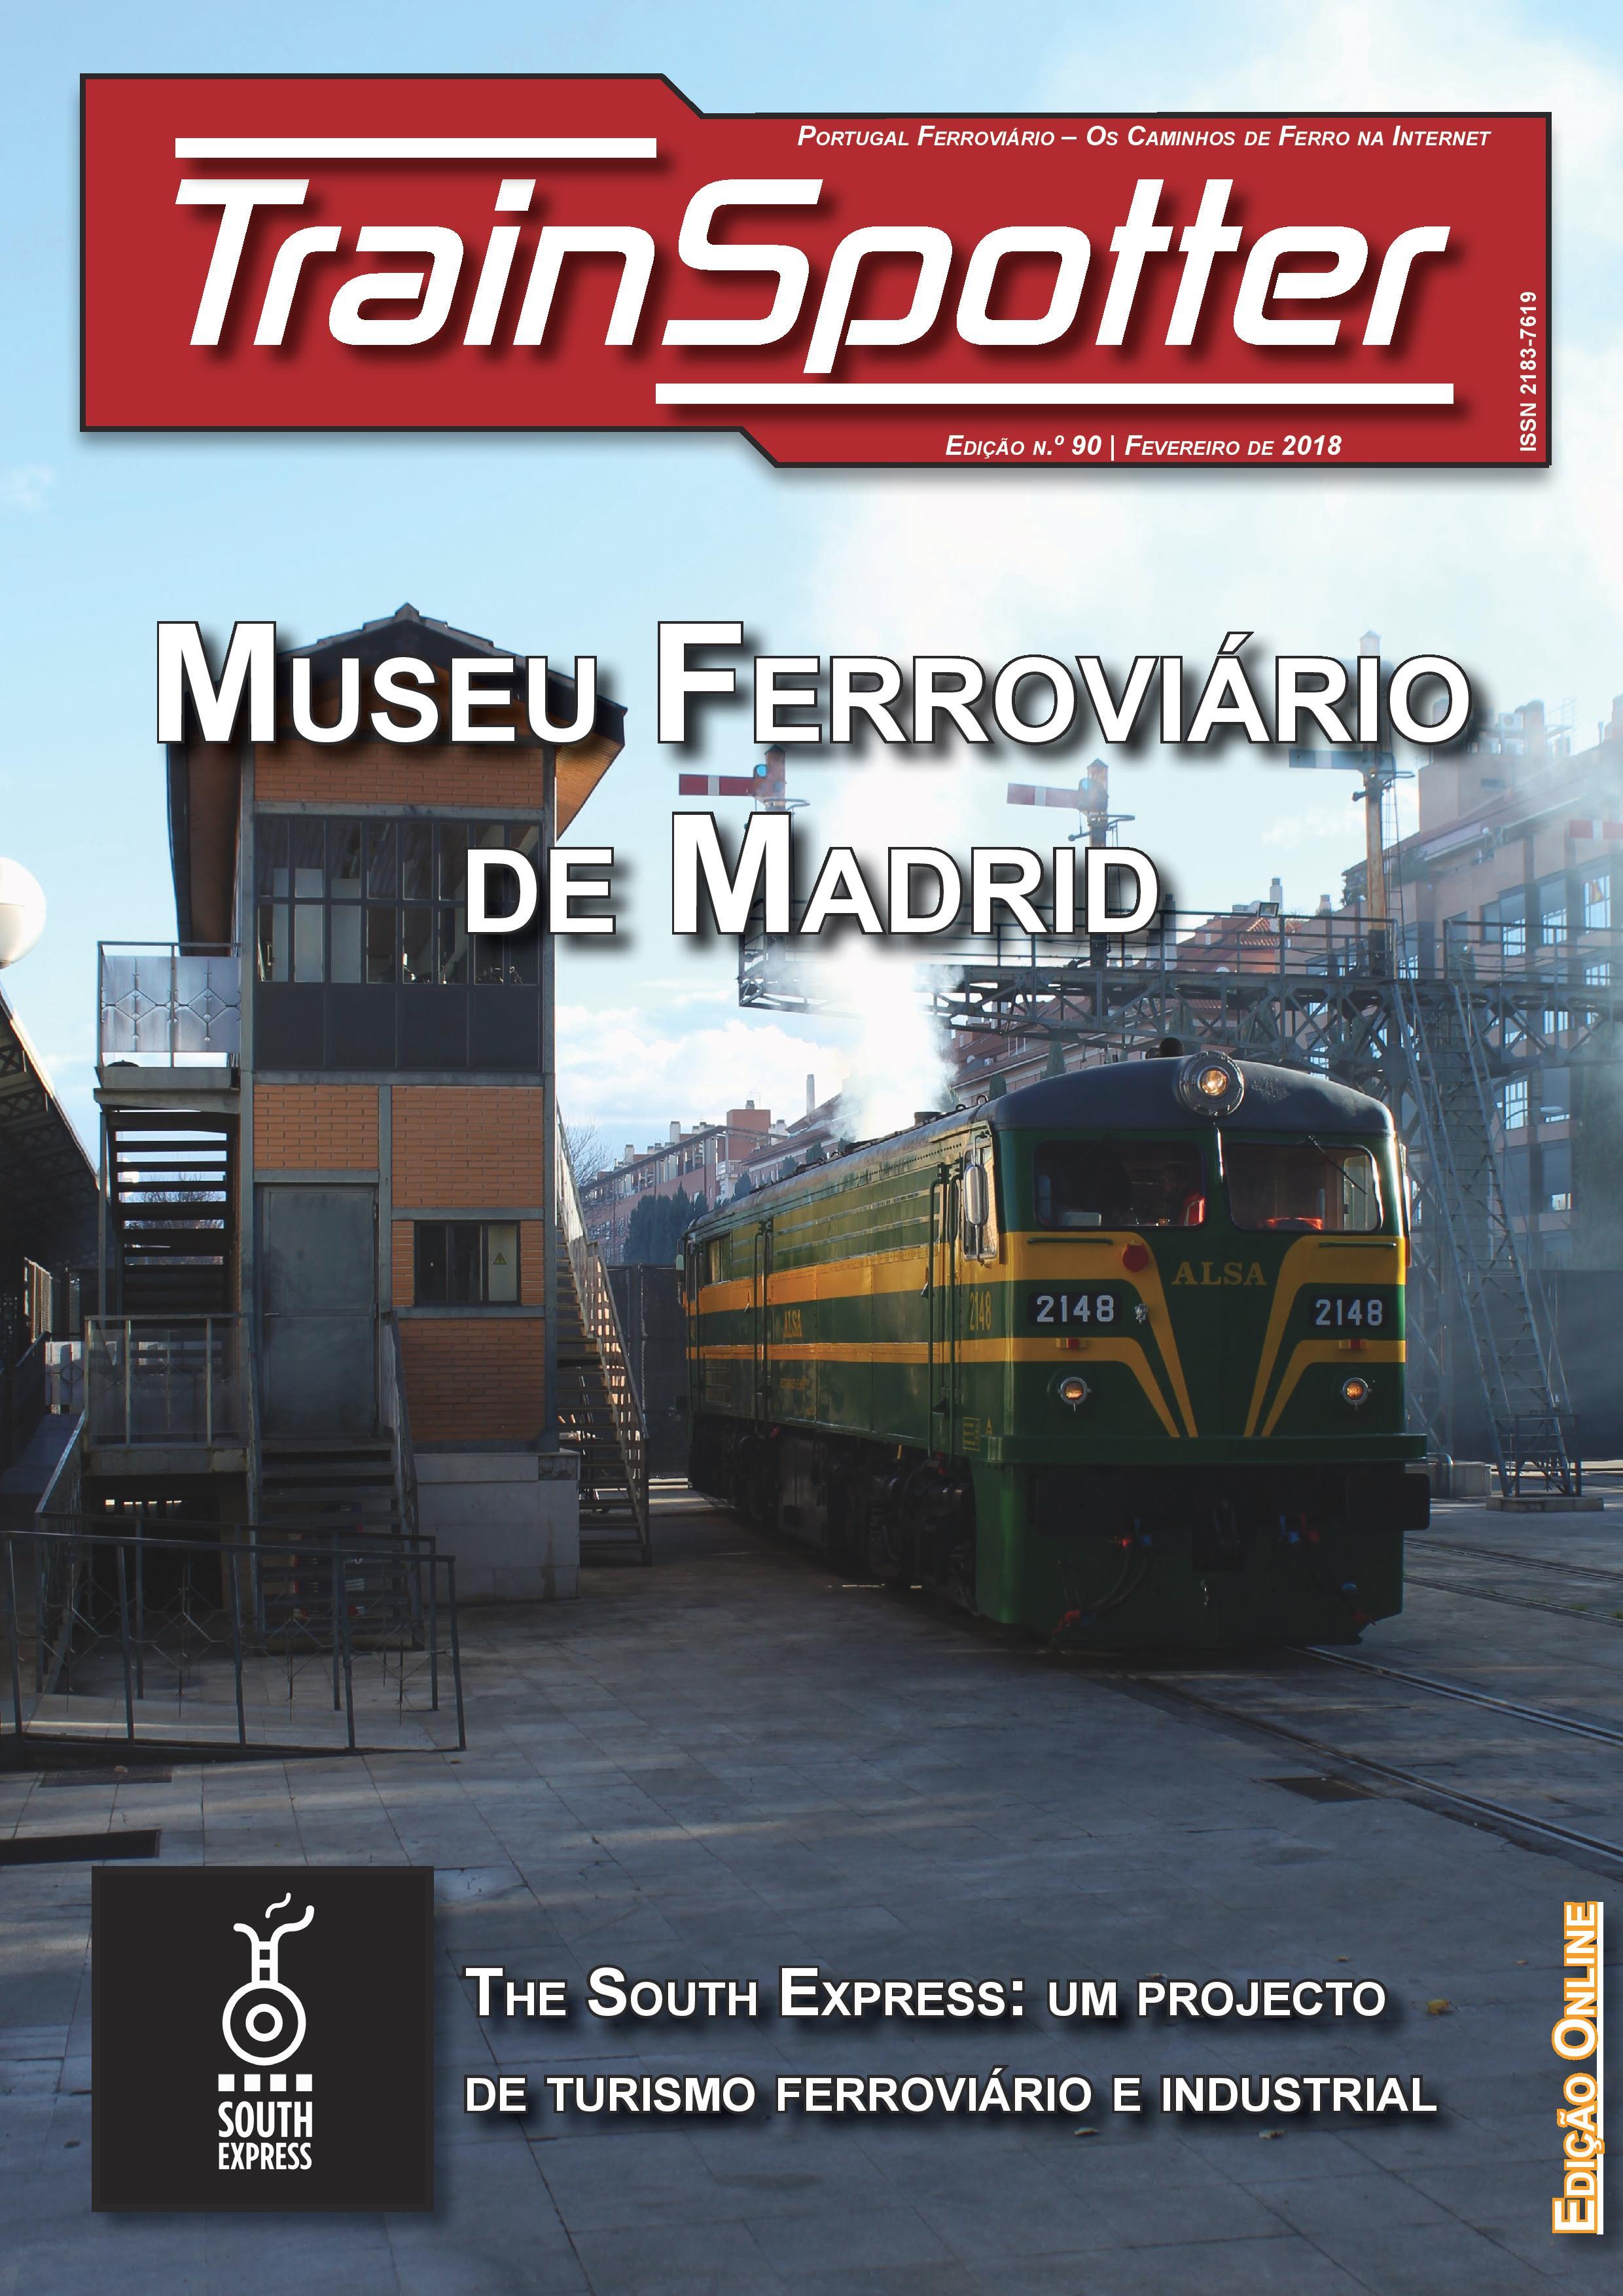 Trainspotter nº 090 – Fevereiro de 2018